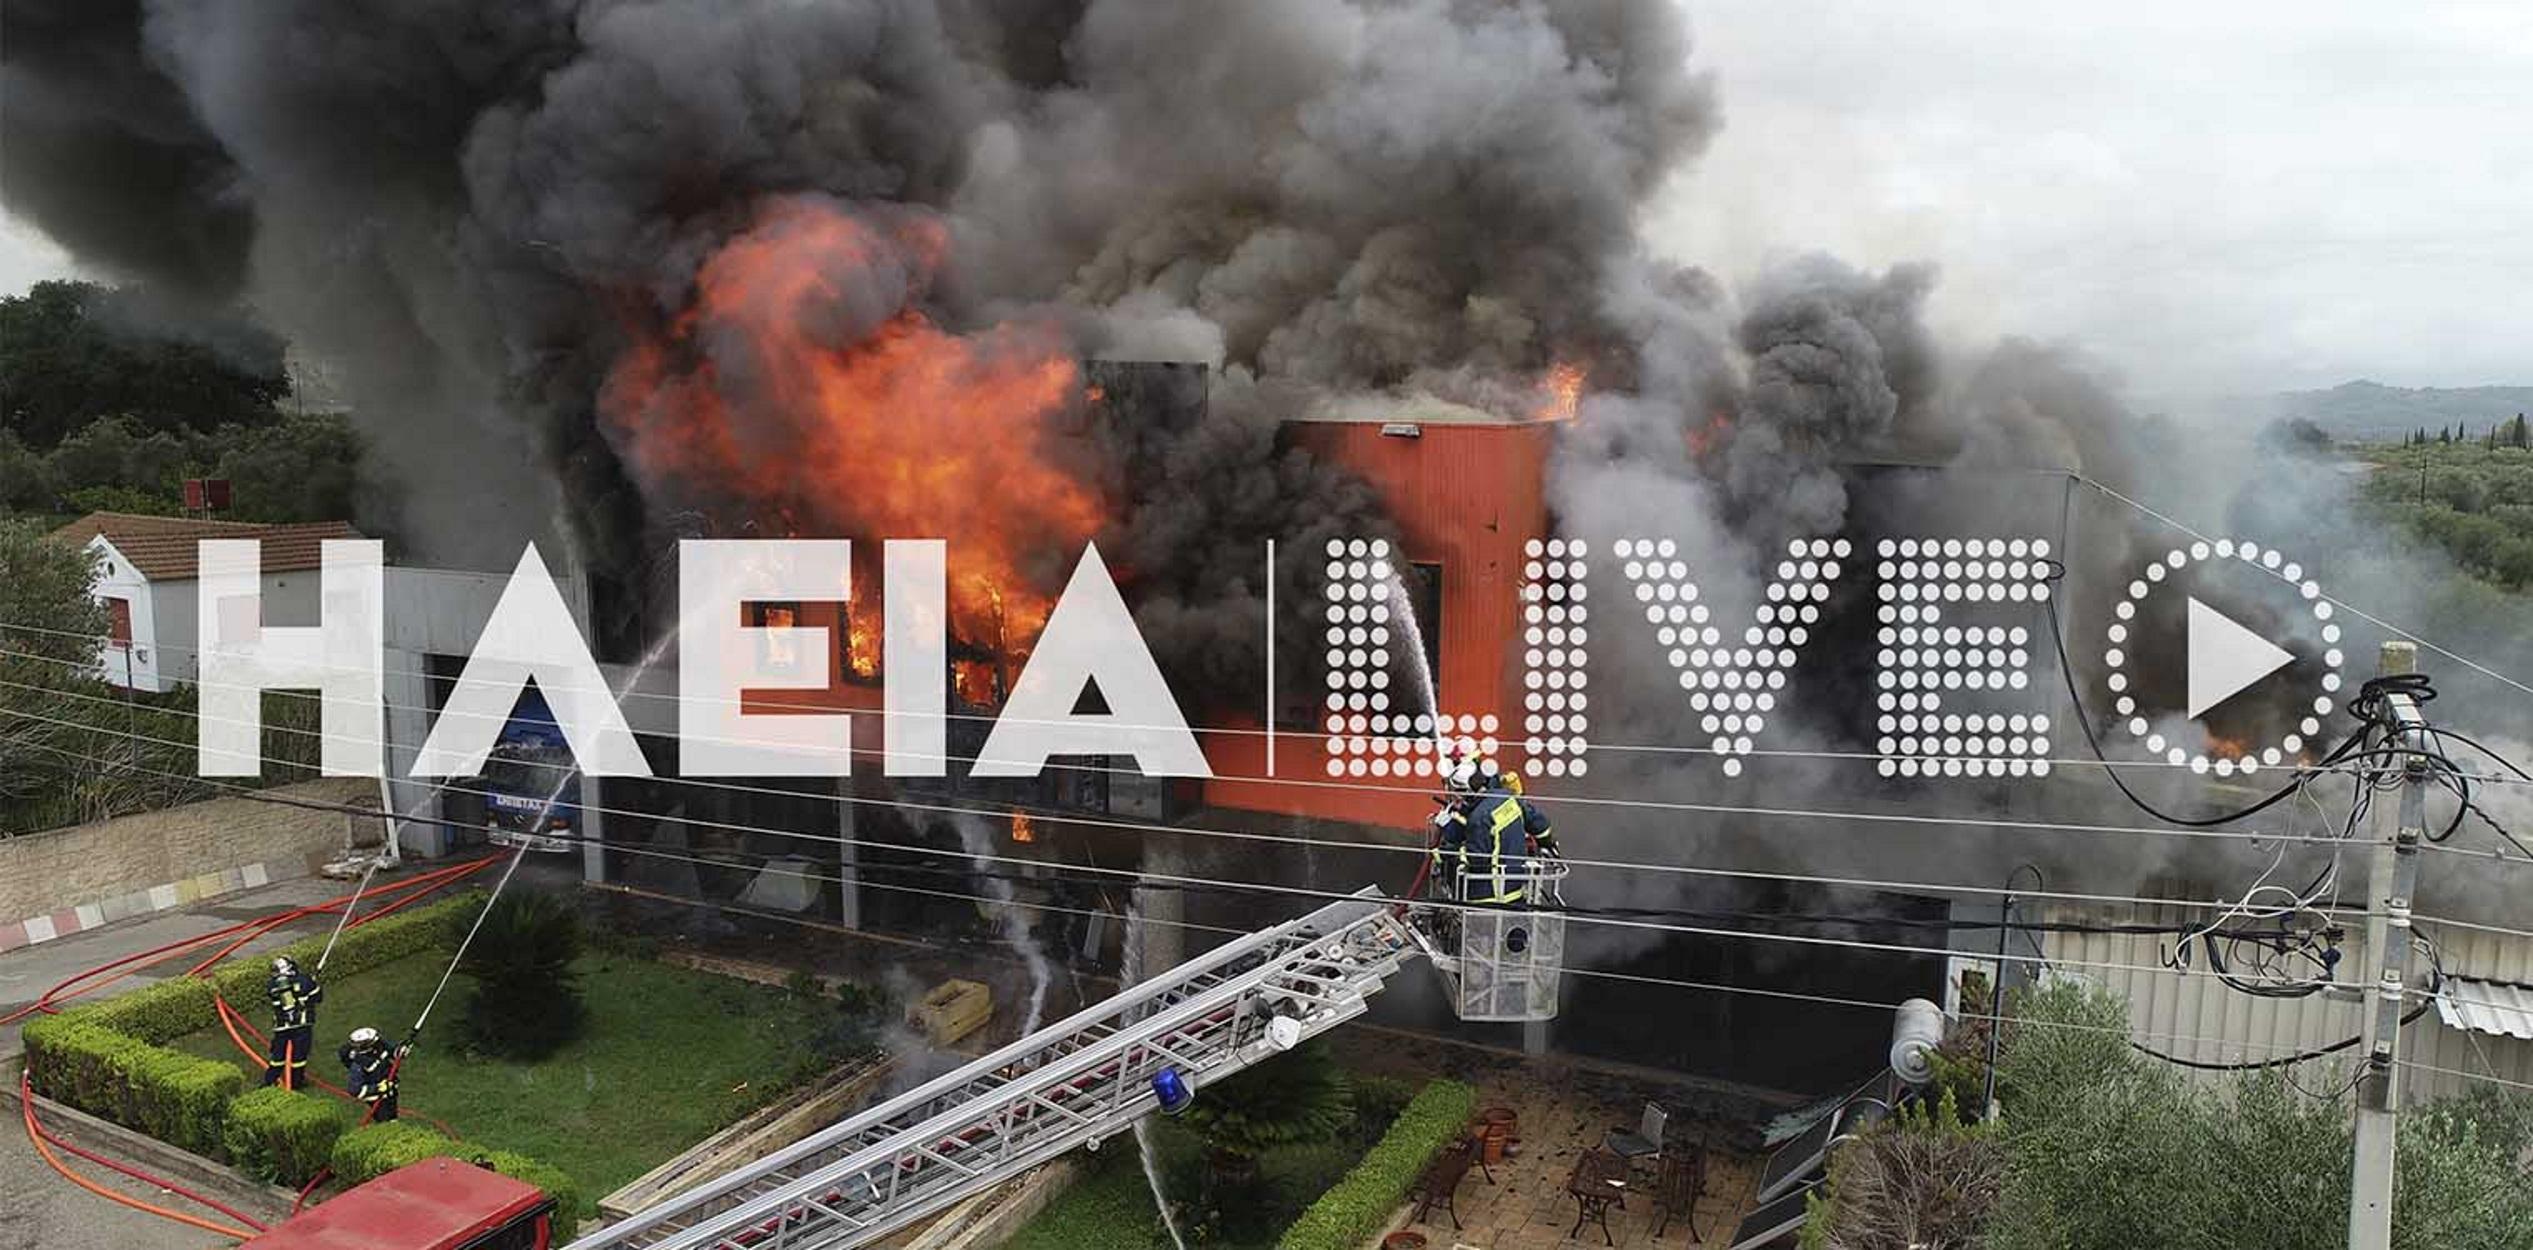 Πύργος Ηλείας – κόλαση του Δάντη: Μεγάλο κατάστημα έγινε στάχτη από φωτιά (video)